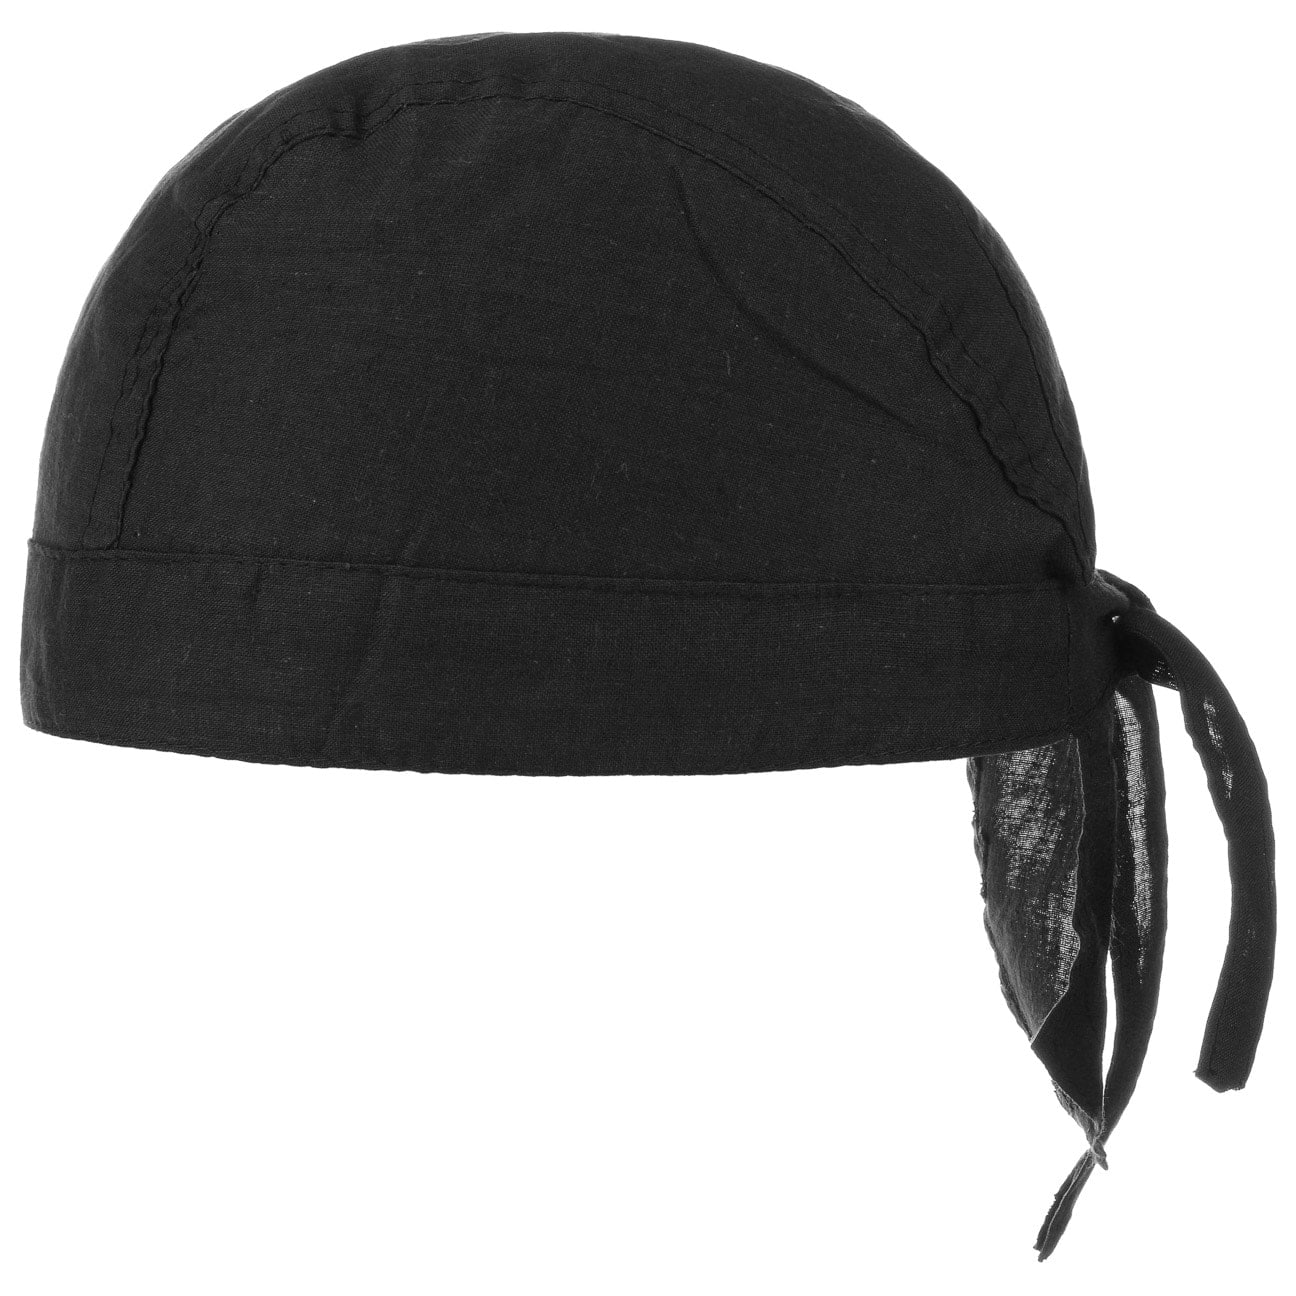 Bandana Corsaire Gbp 5 95 Gt Hats Caps Amp Beanies Shop